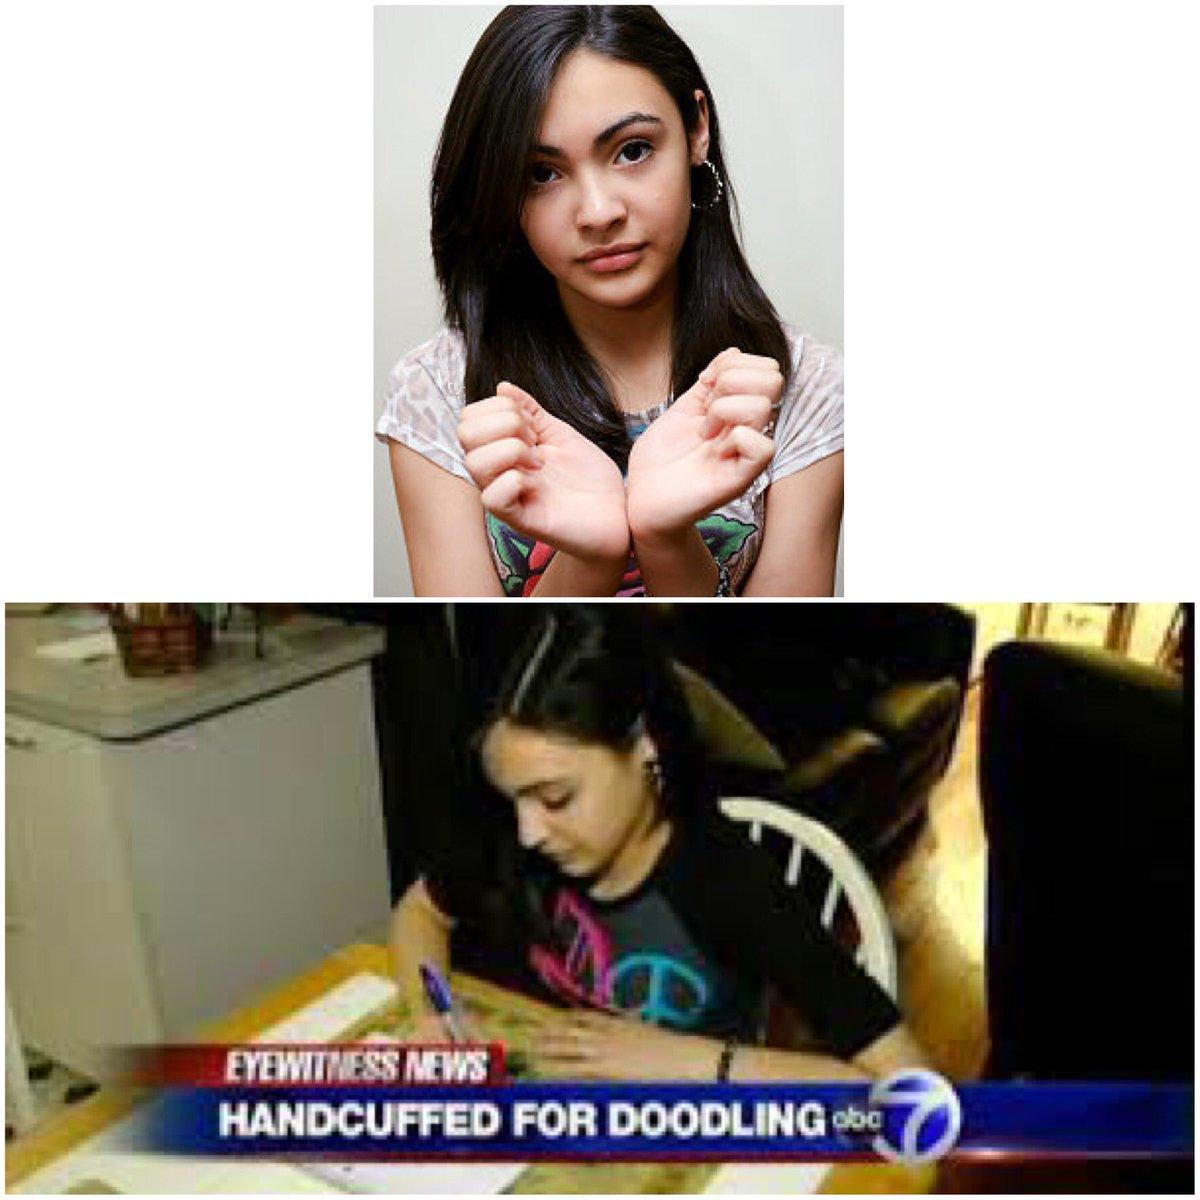 نتيجة بحث الصور عن Queens girl Alexa Gonzalez hauled out of school in handcuffs after getting caught doodling on desk